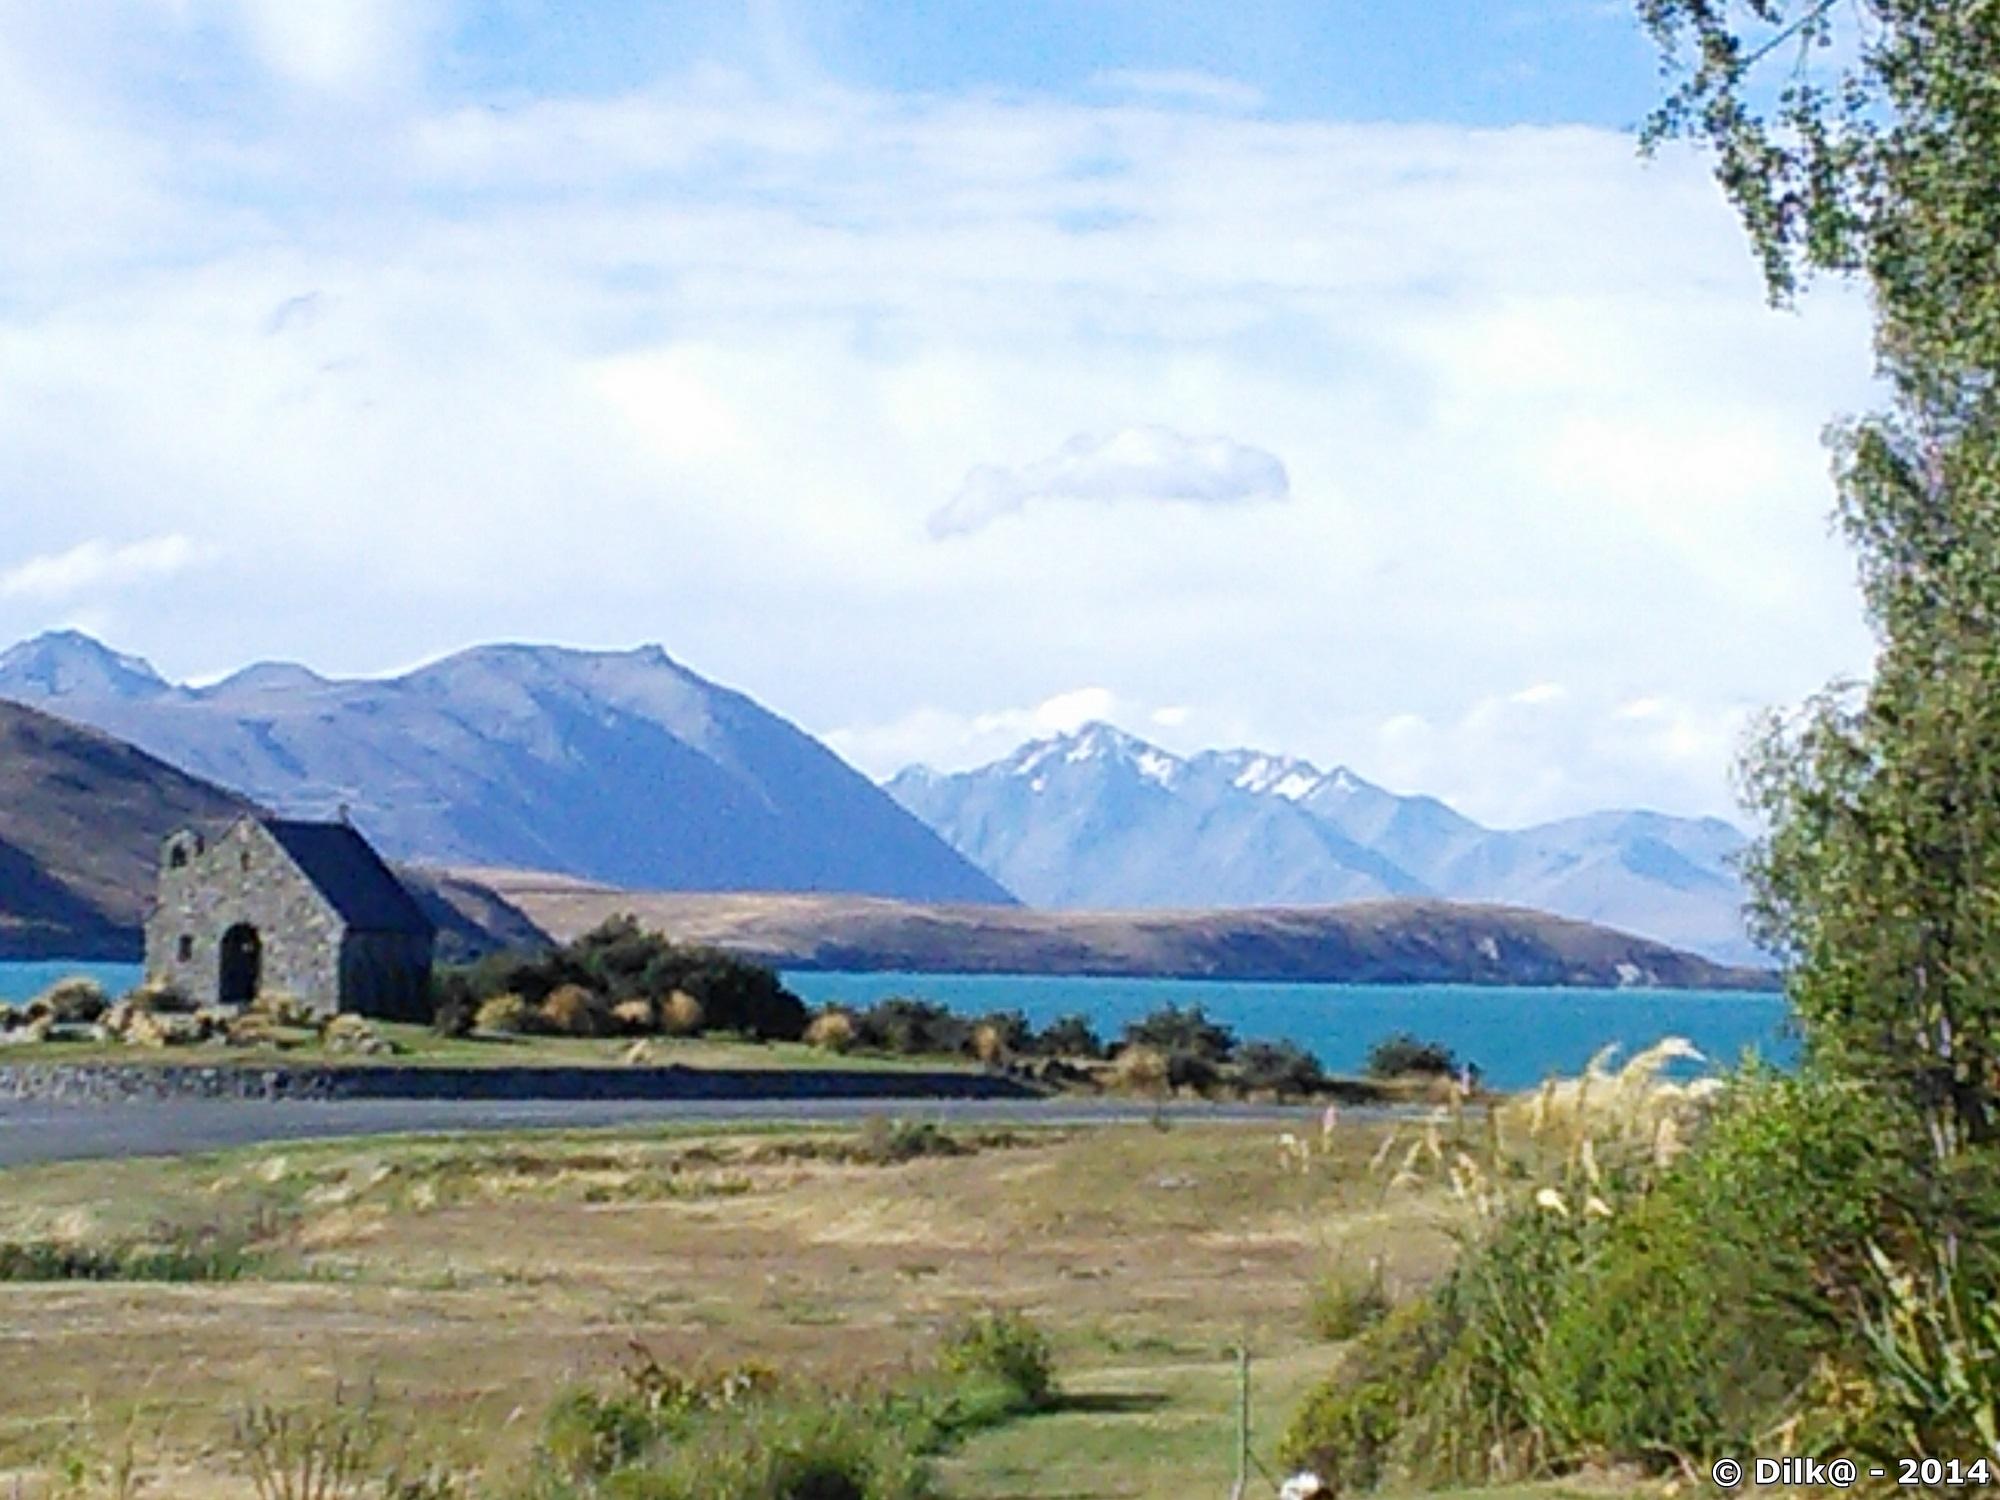 Le lac Tekapo et Church of the good Shepherd